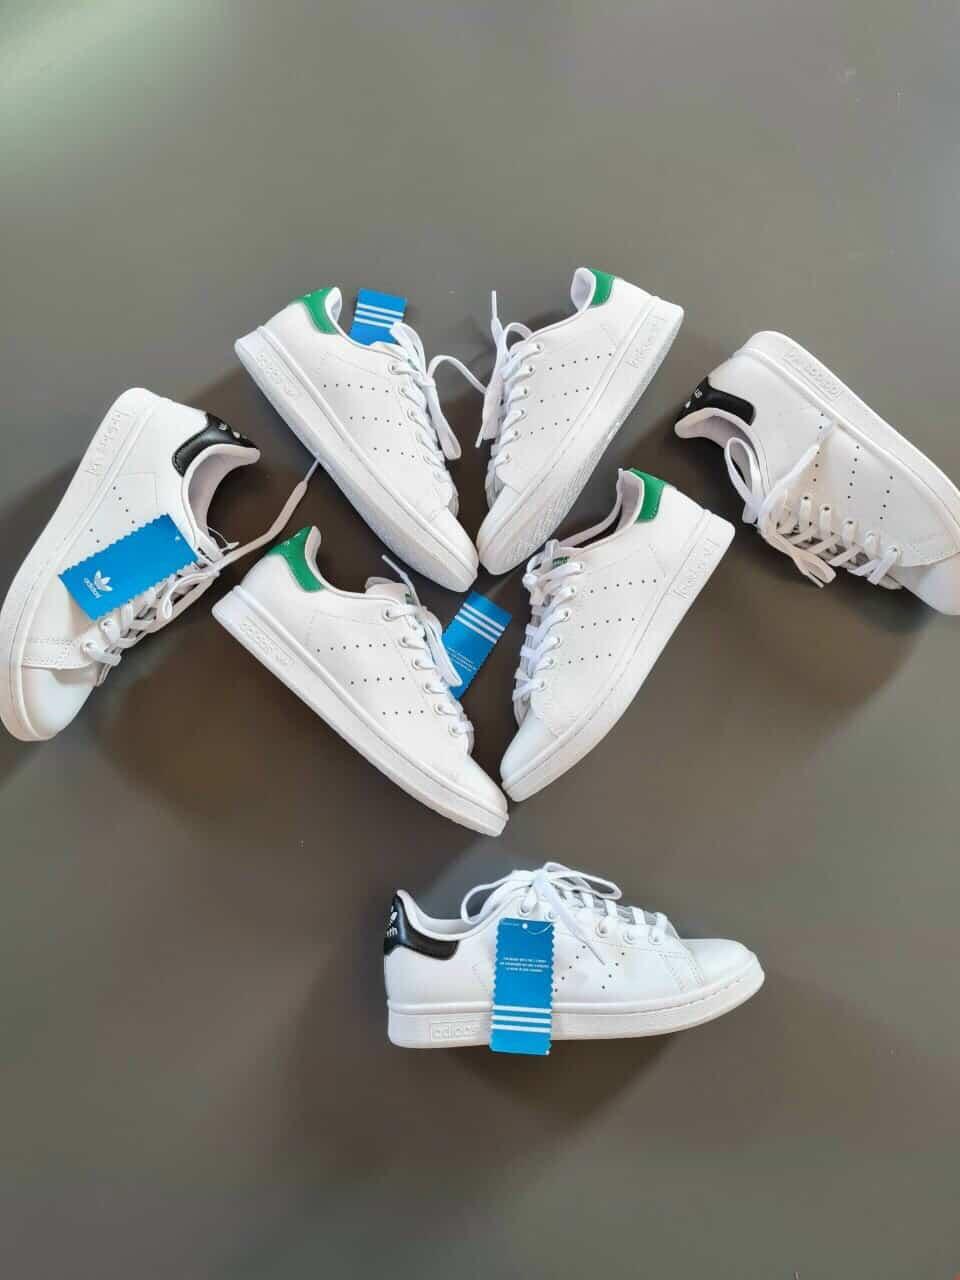 Những ưu điểm vượt trội chỉ giày Adidas sò tem vàng rep 1:1 mới có